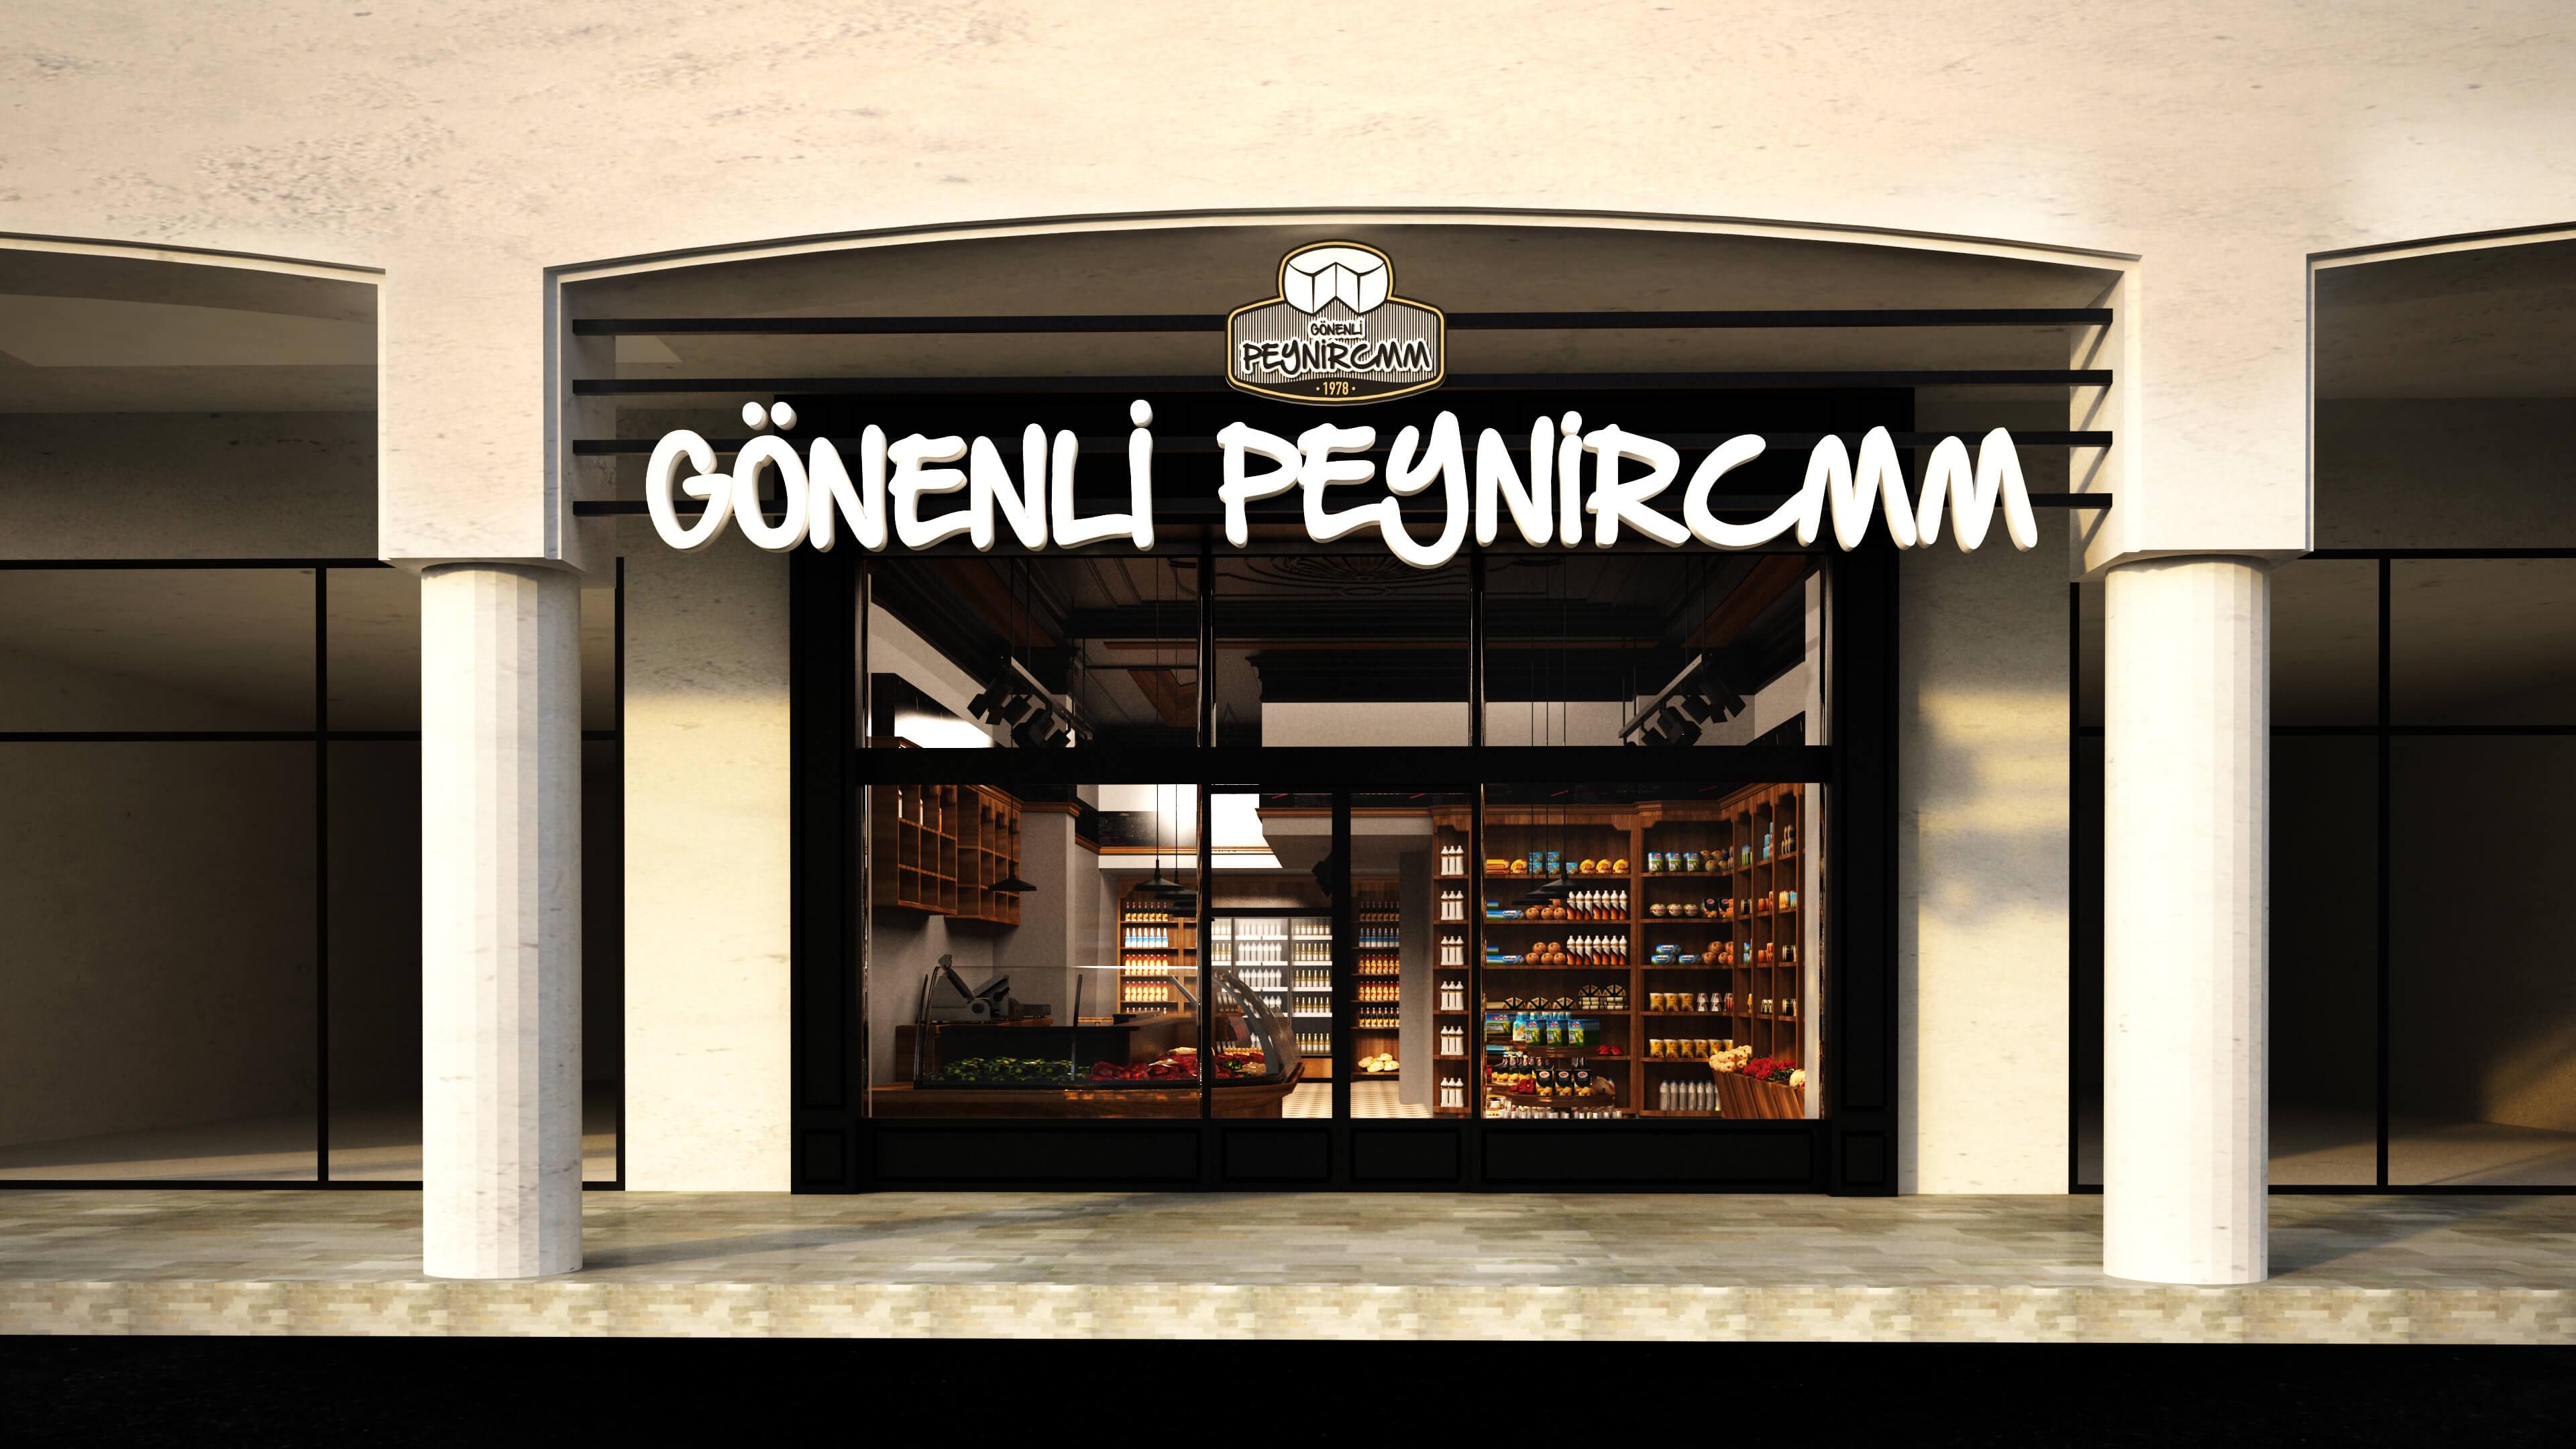 Gonenli_Peynircmm_3a